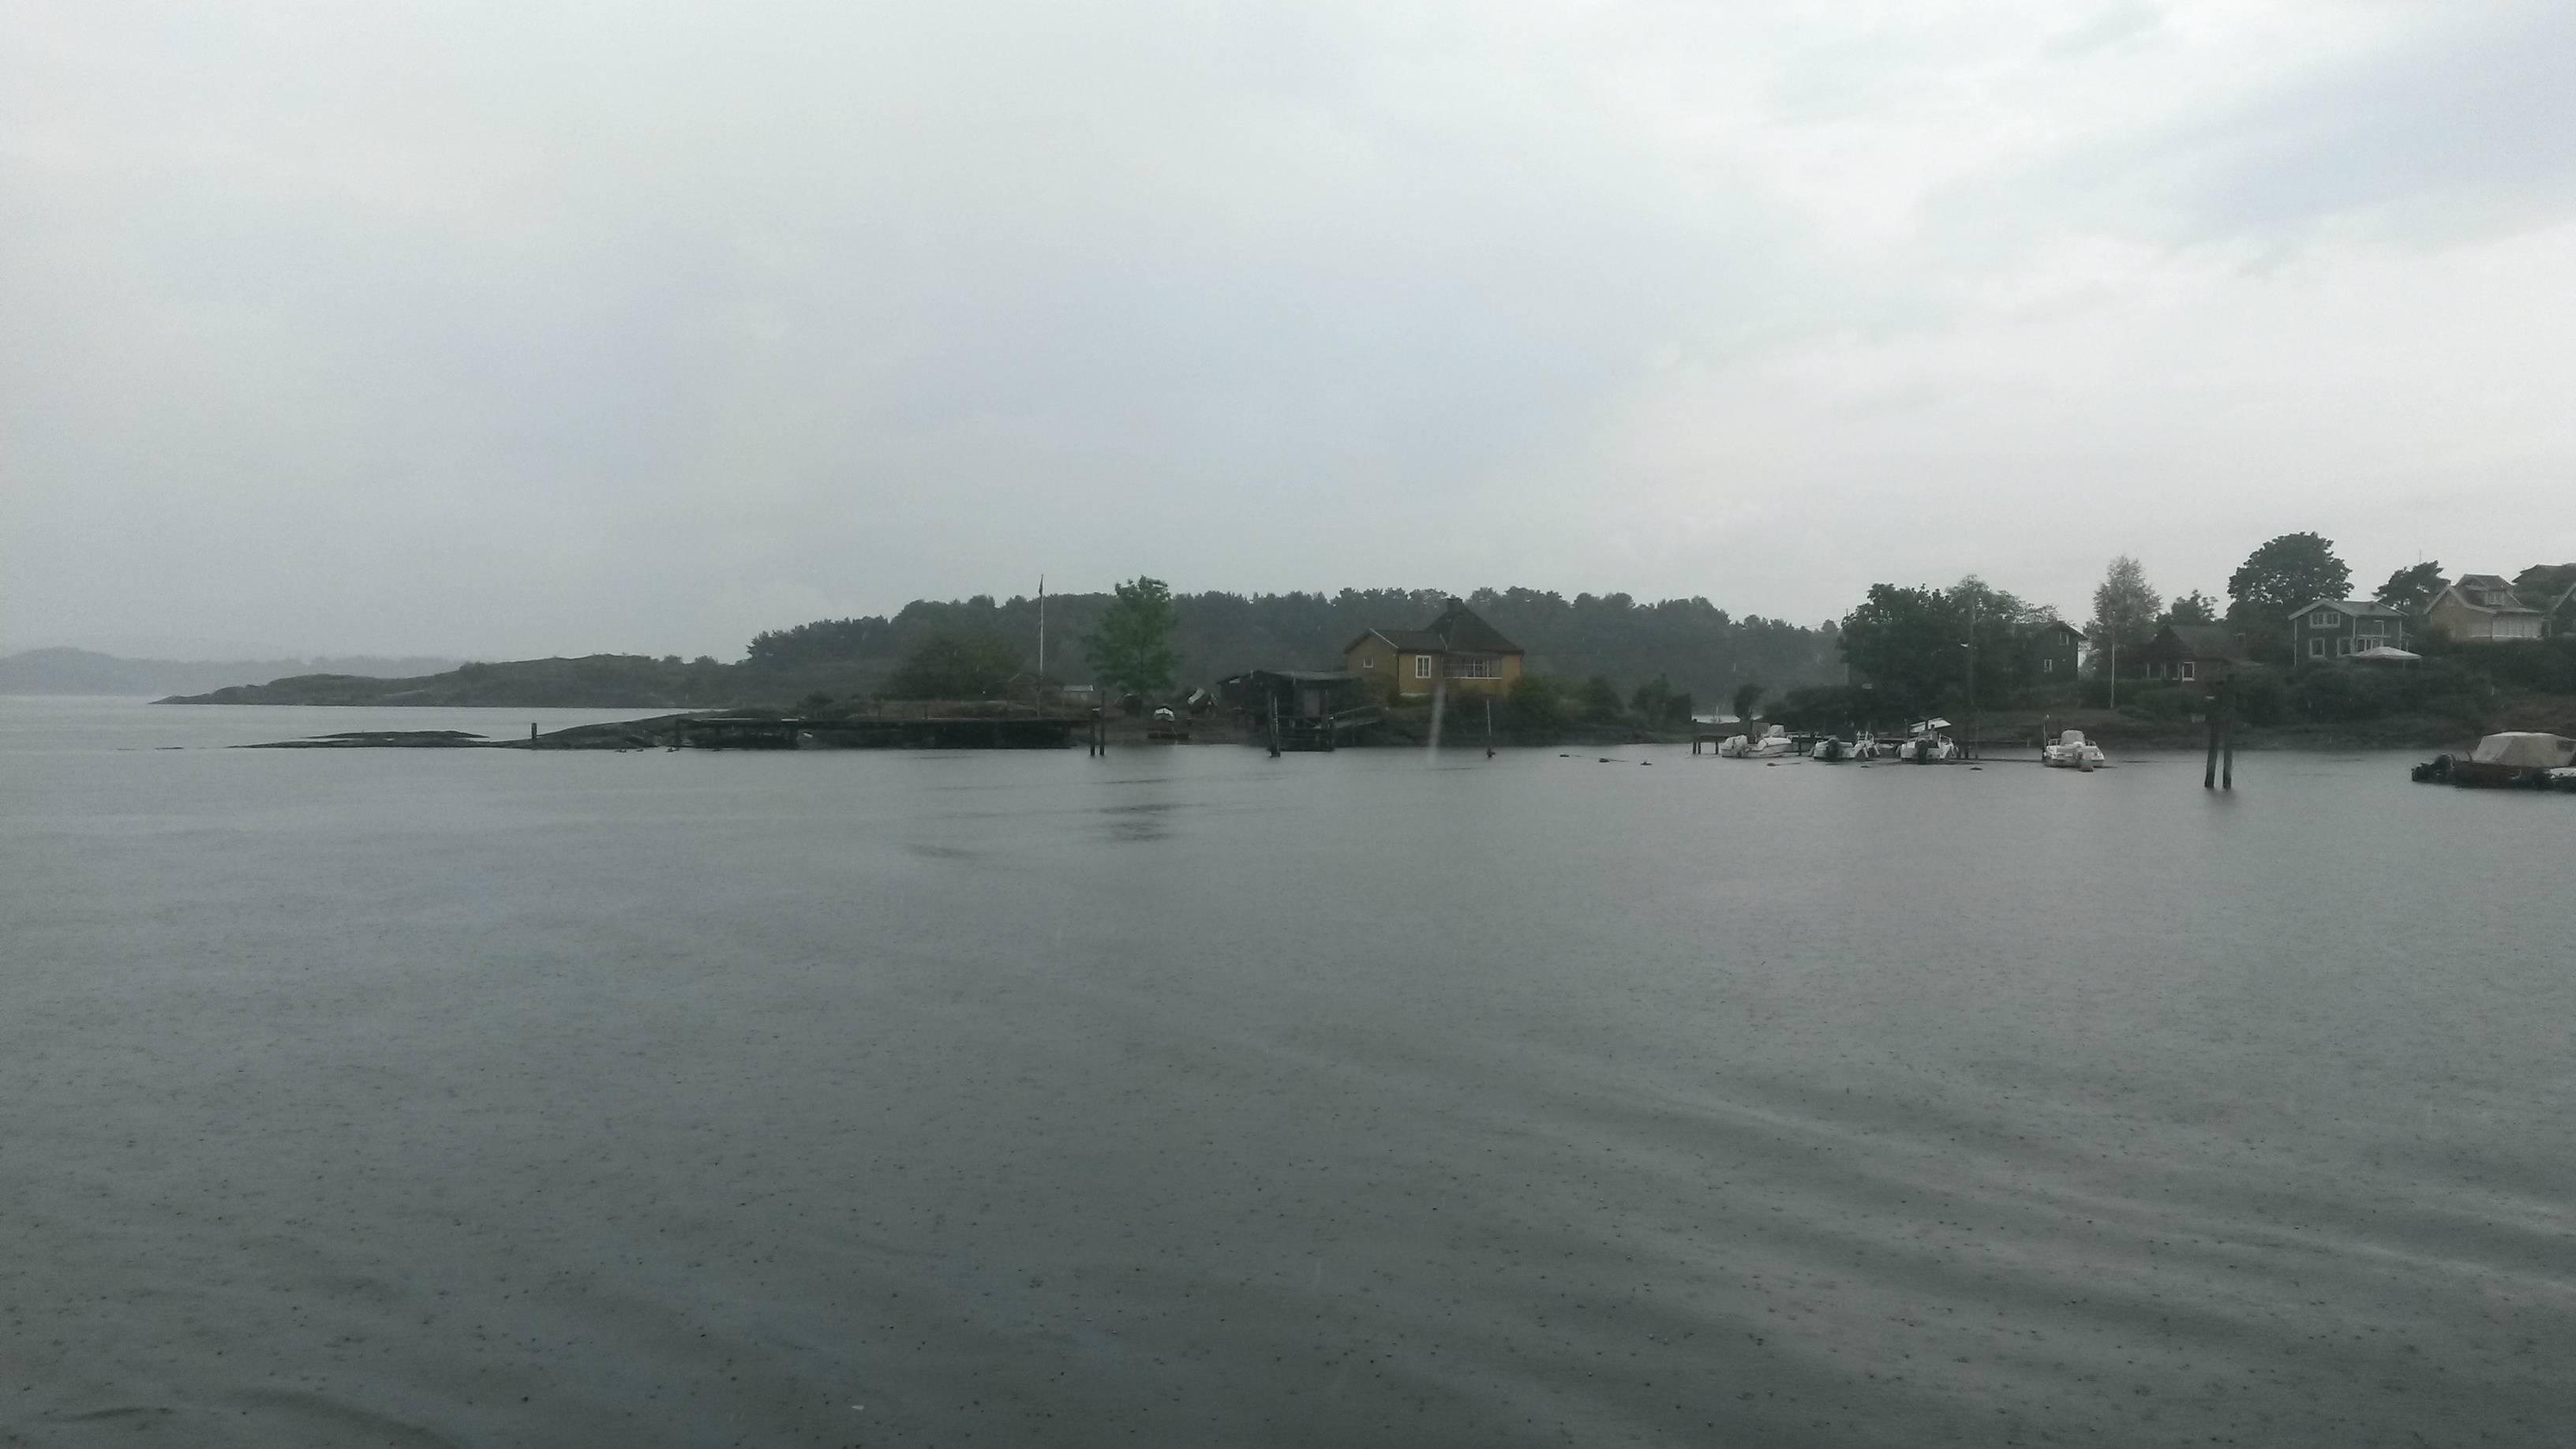 Photo 2: Balade dans les îles du fjord d'Oslo